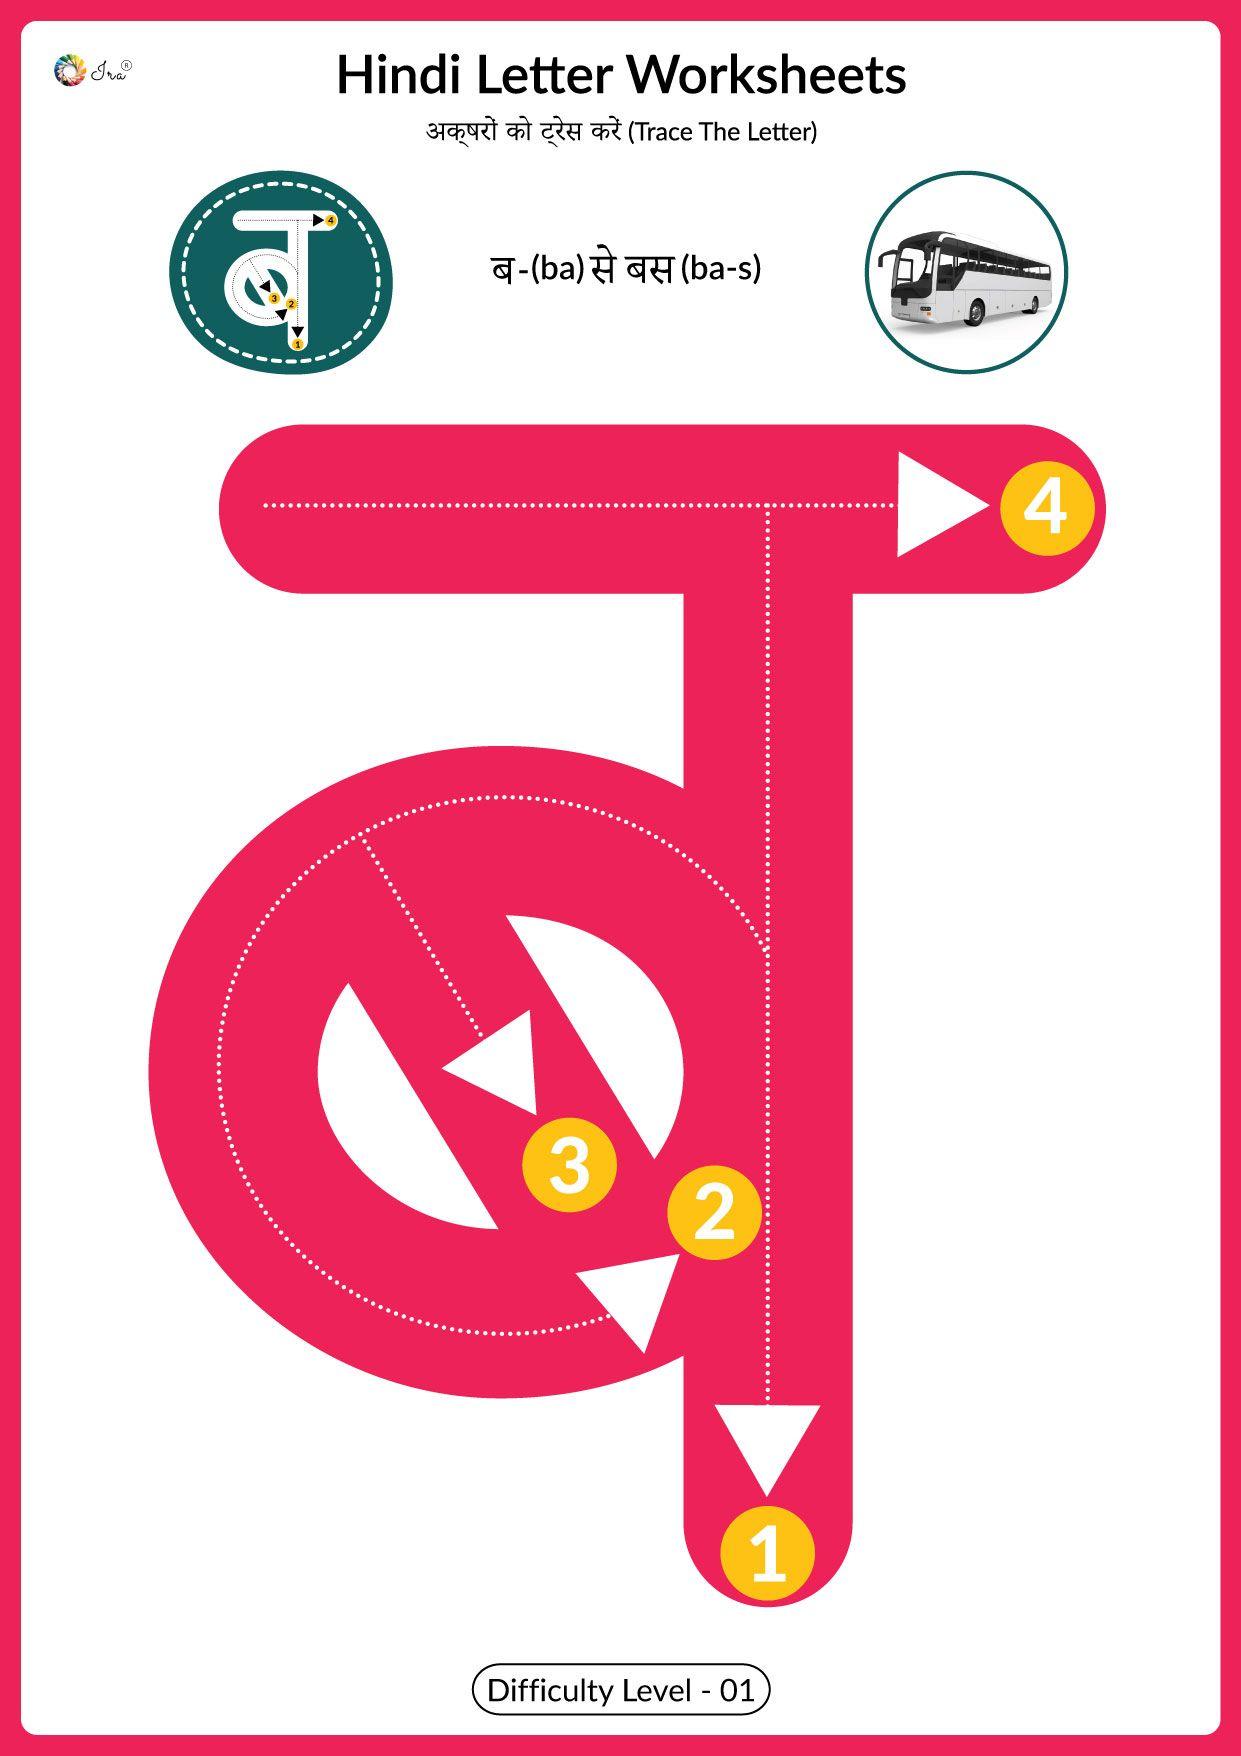 Hindi Vyanjan Worksheets Tracing Letter